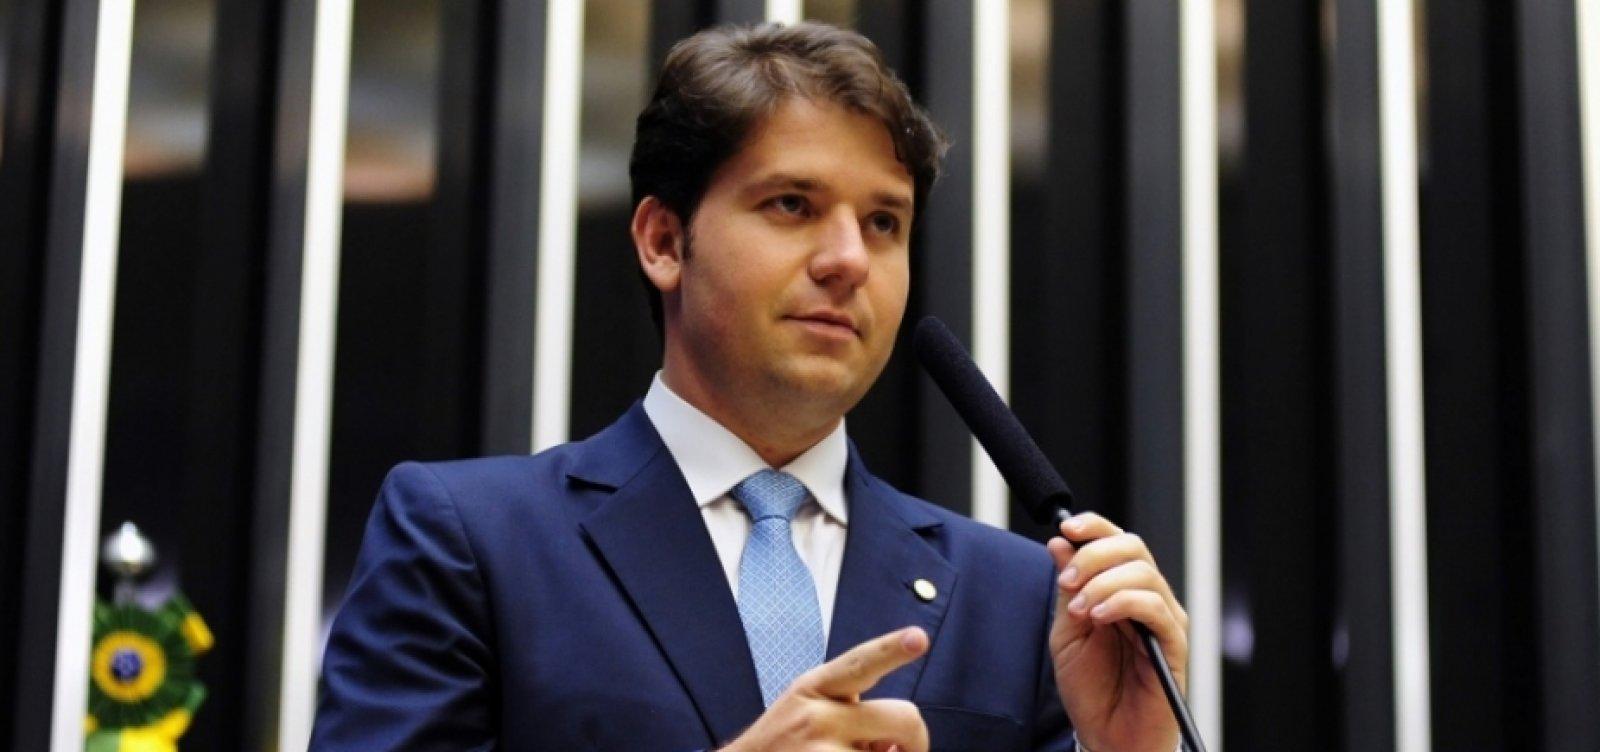 Condenado na Lava-Jato, ex-deputado Luiz Argolo deixa prisão em Salvador